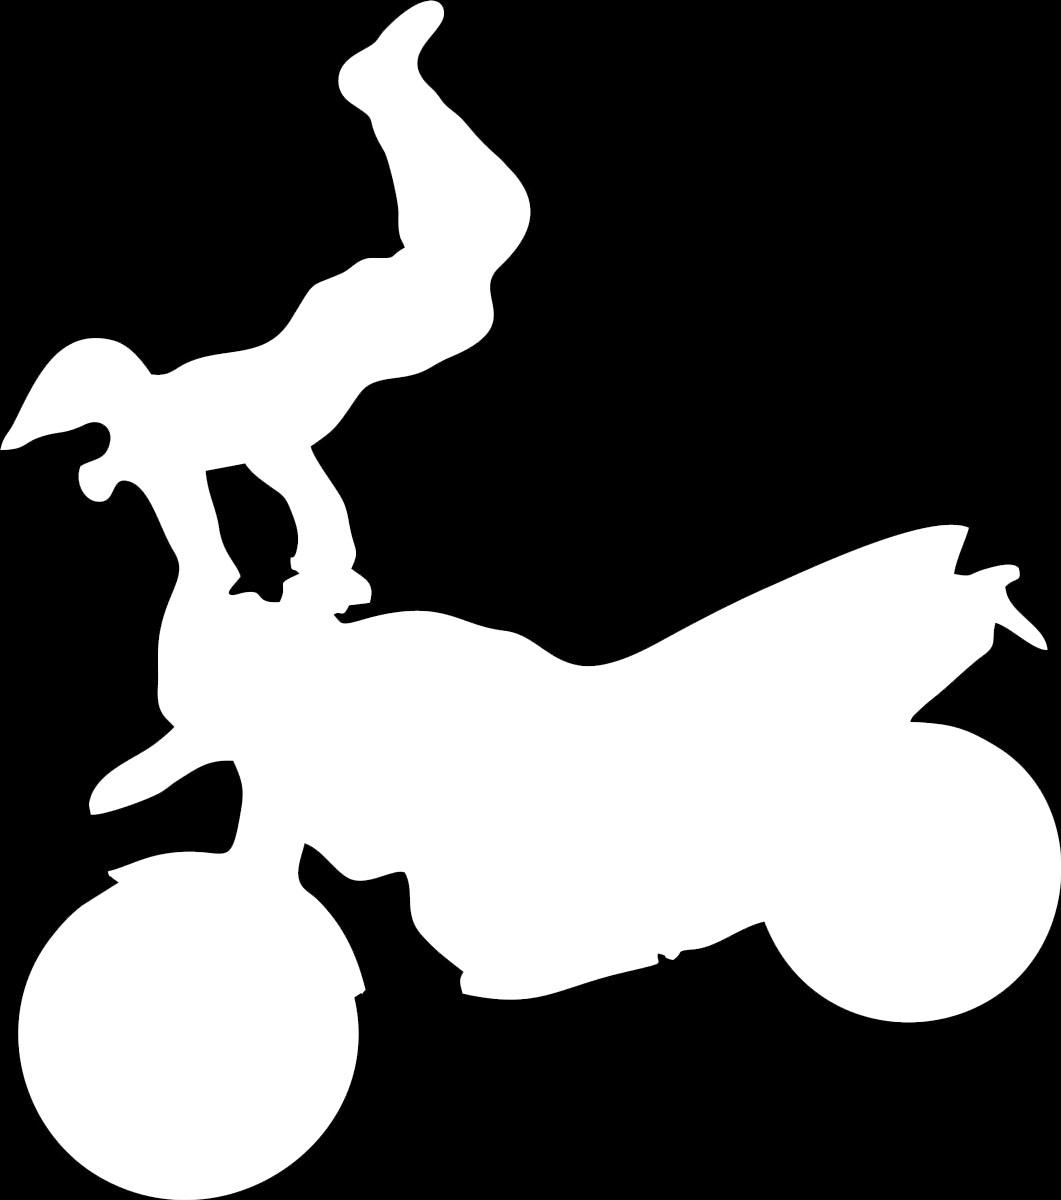 Наклейка автомобильная Оранжевый слоник Мотоциклист 4, виниловая, цвет: белый150MT0004WОригинальная наклейка Оранжевый слоник Мотоциклист 4 изготовлена из высококачественной виниловой пленки, которая выполняет не только декоративную функцию, но и защищает кузов автомобиля от небольших механических повреждений, либо скрывает уже существующие.Виниловые наклейки на автомобиль - это не только красиво, но еще и быстро! Всего за несколько минут вы можете полностью преобразить свой автомобиль, сделать его ярким, необычным, особенным и неповторимым!